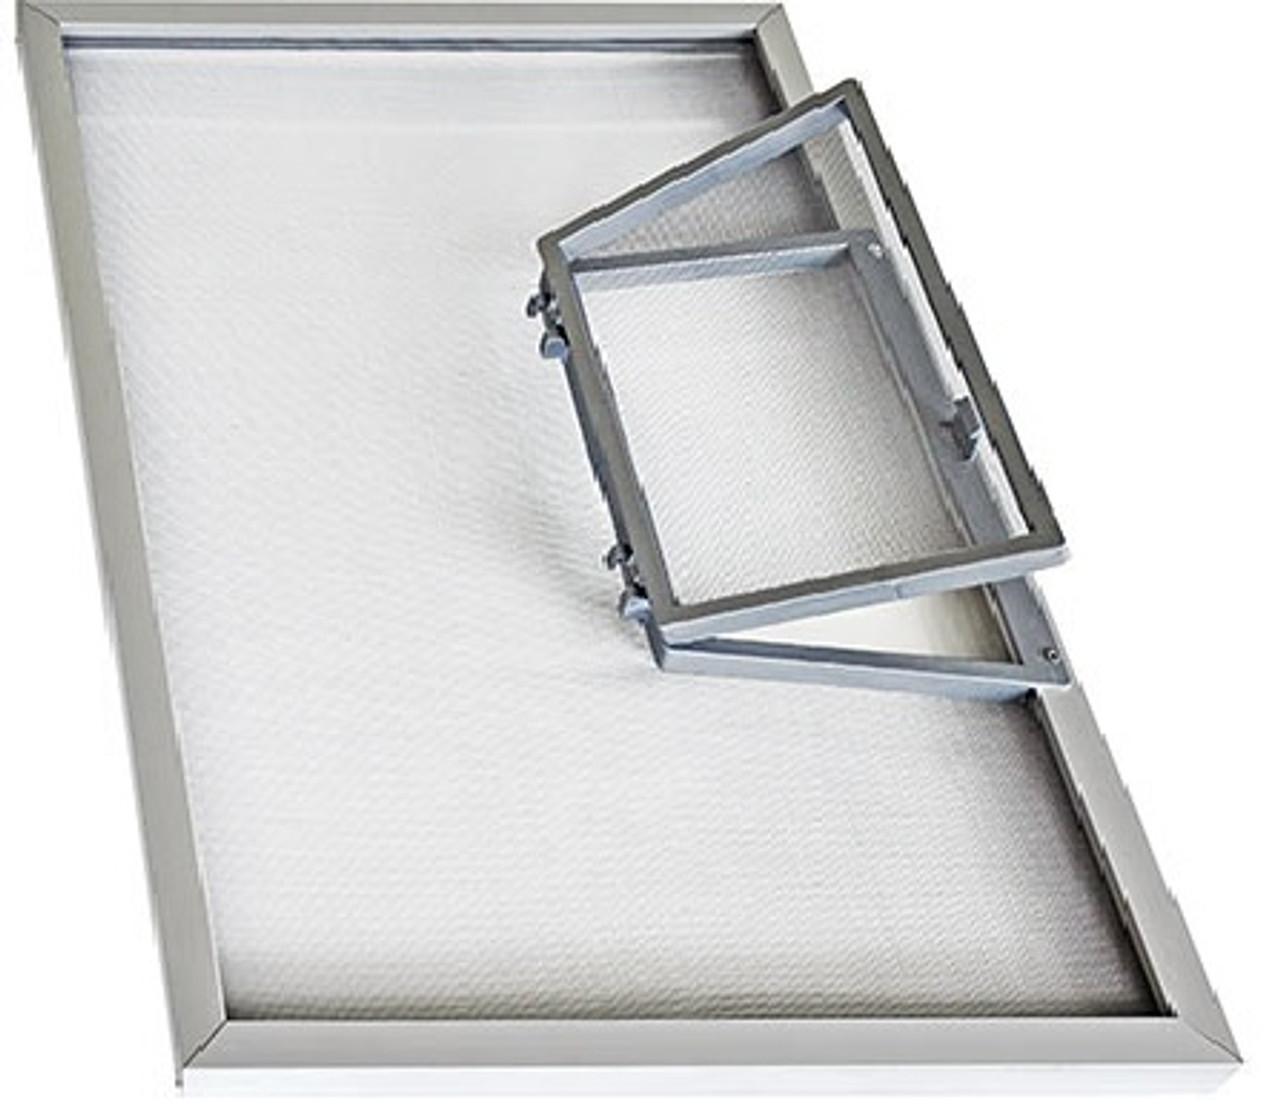 Window wicket for window screens